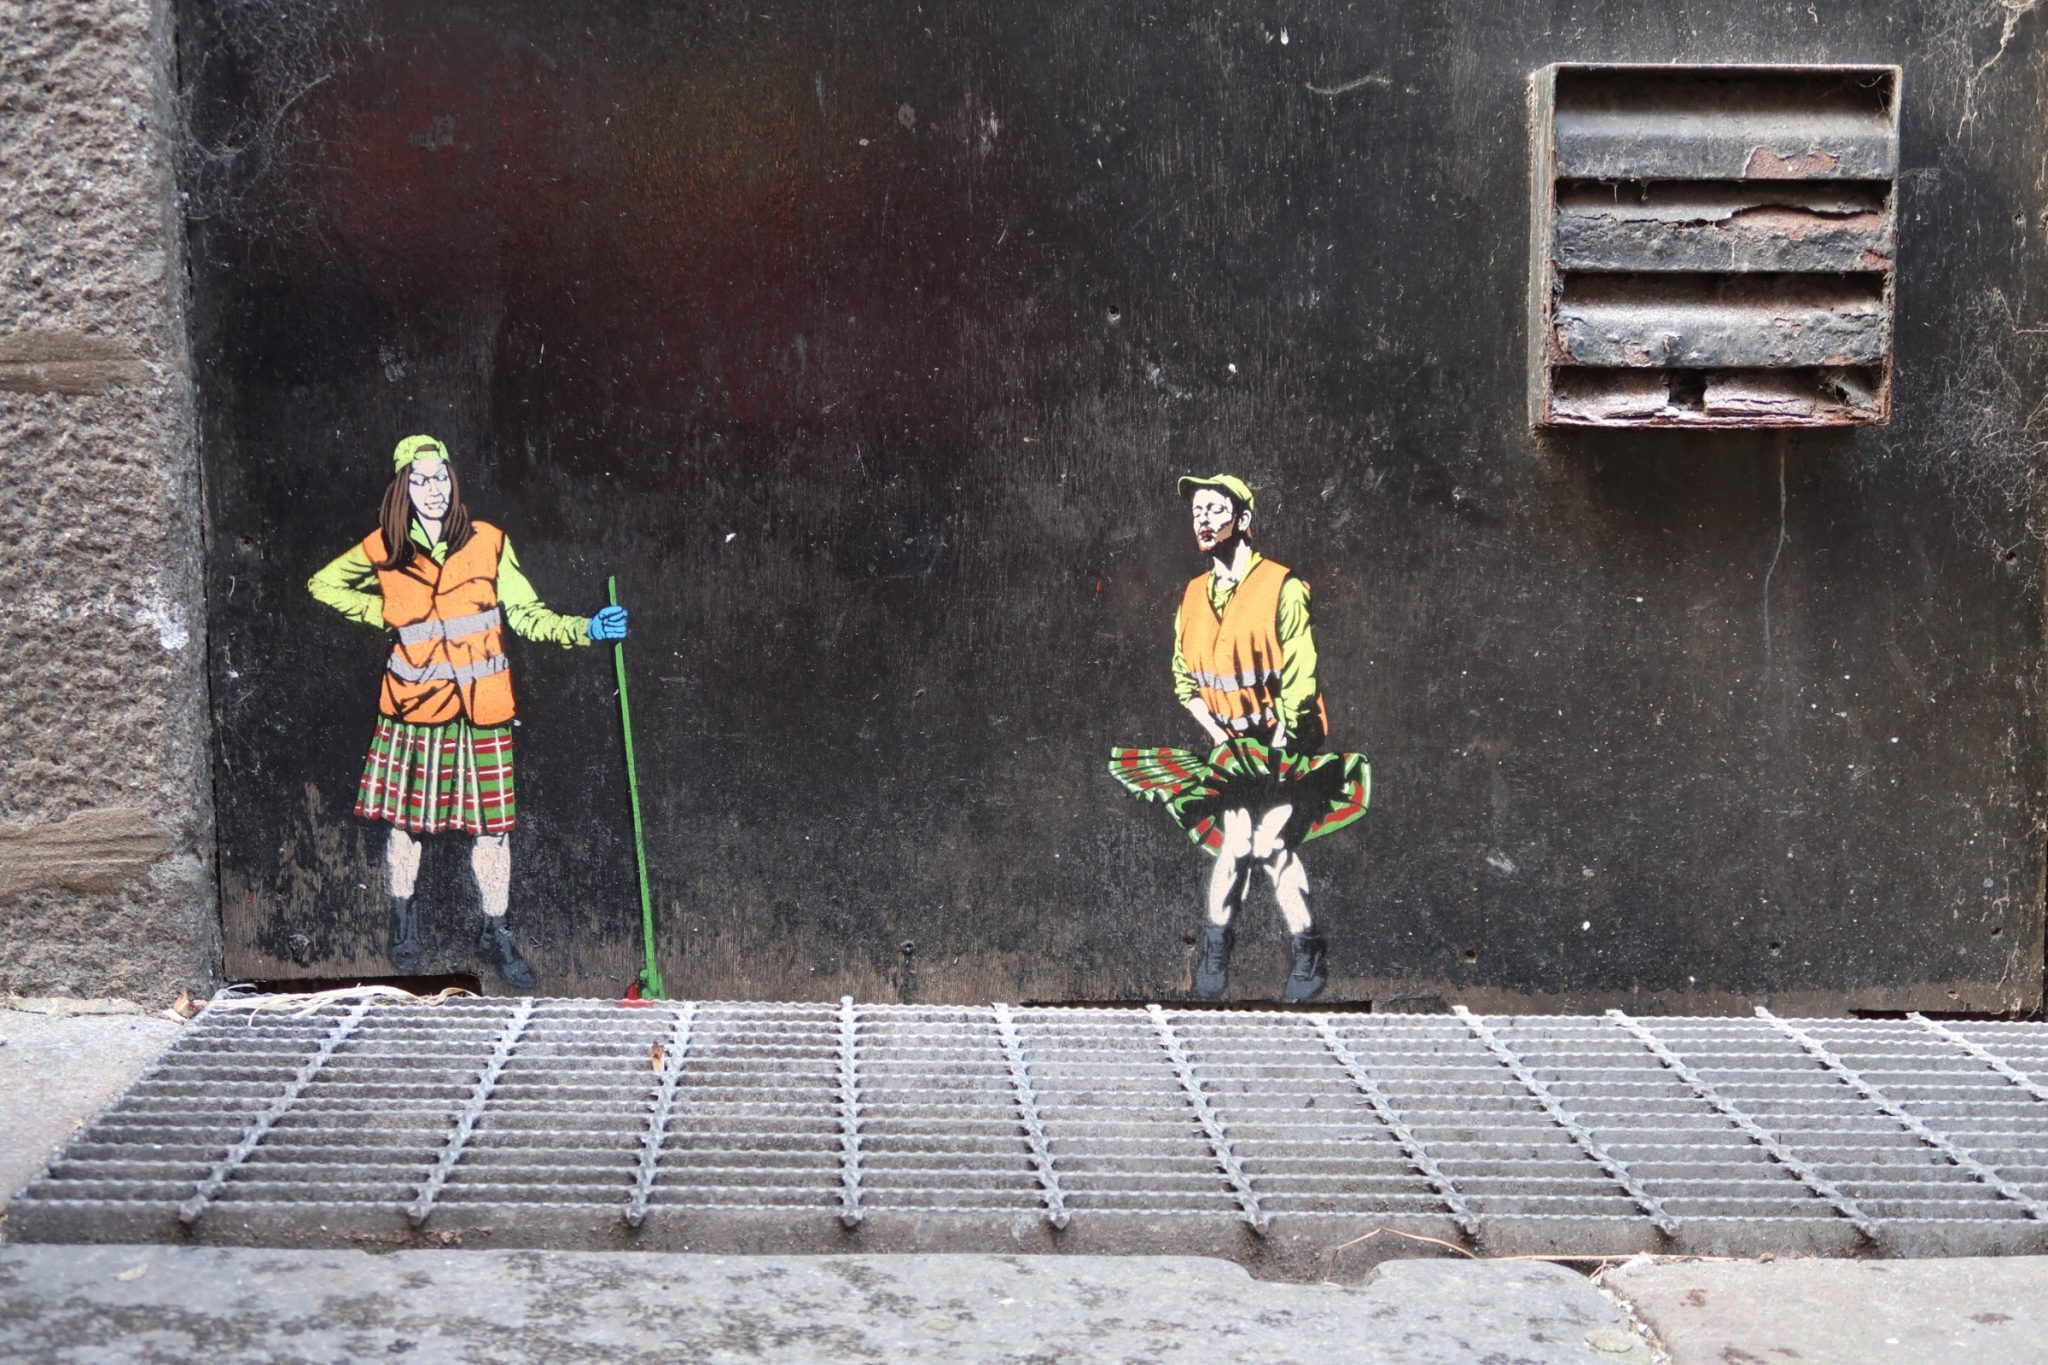 Nuart Aberdeen City Centre Street Art Artist Jaune